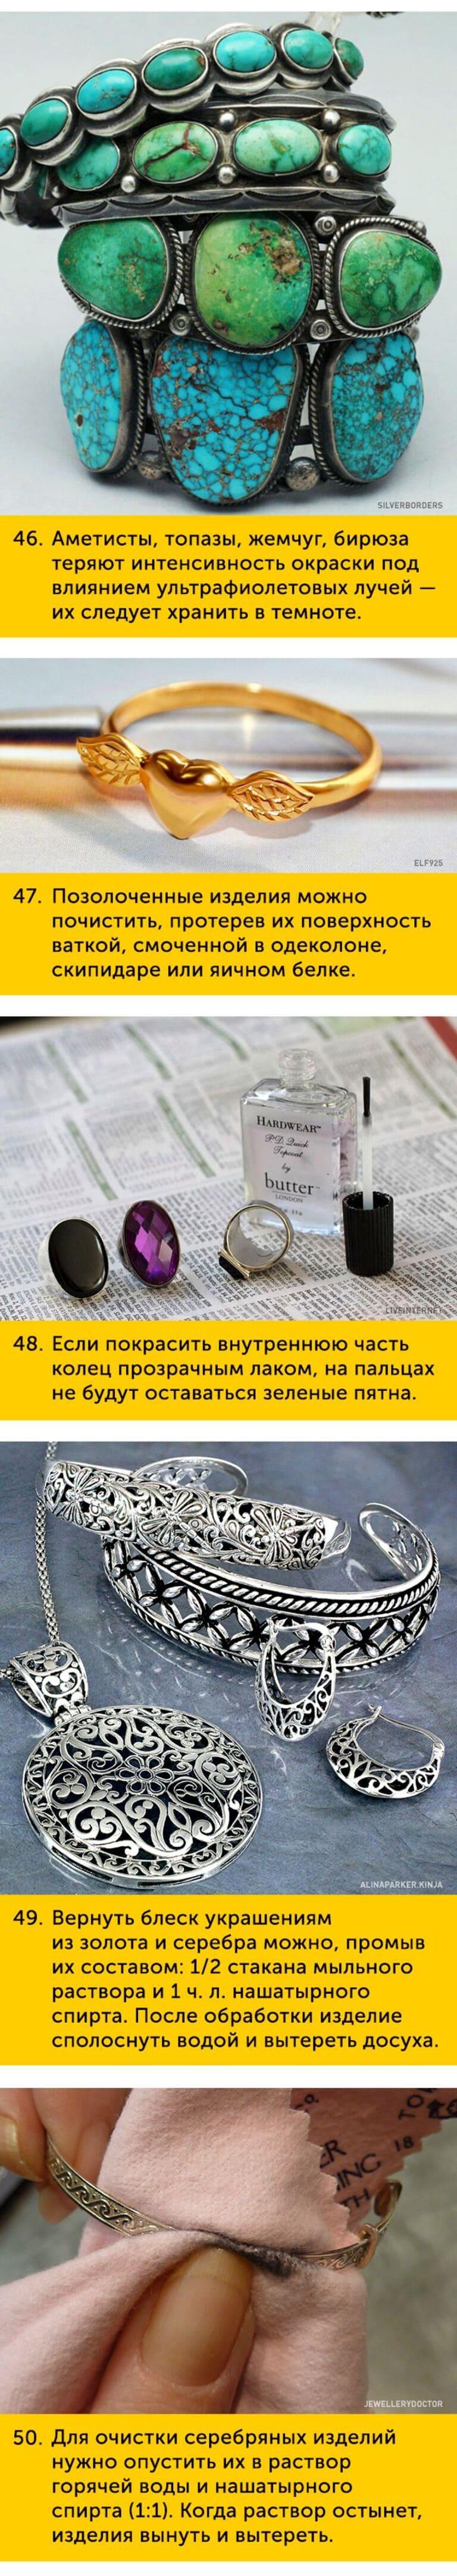 Полезные советы: Ювелирные украшения